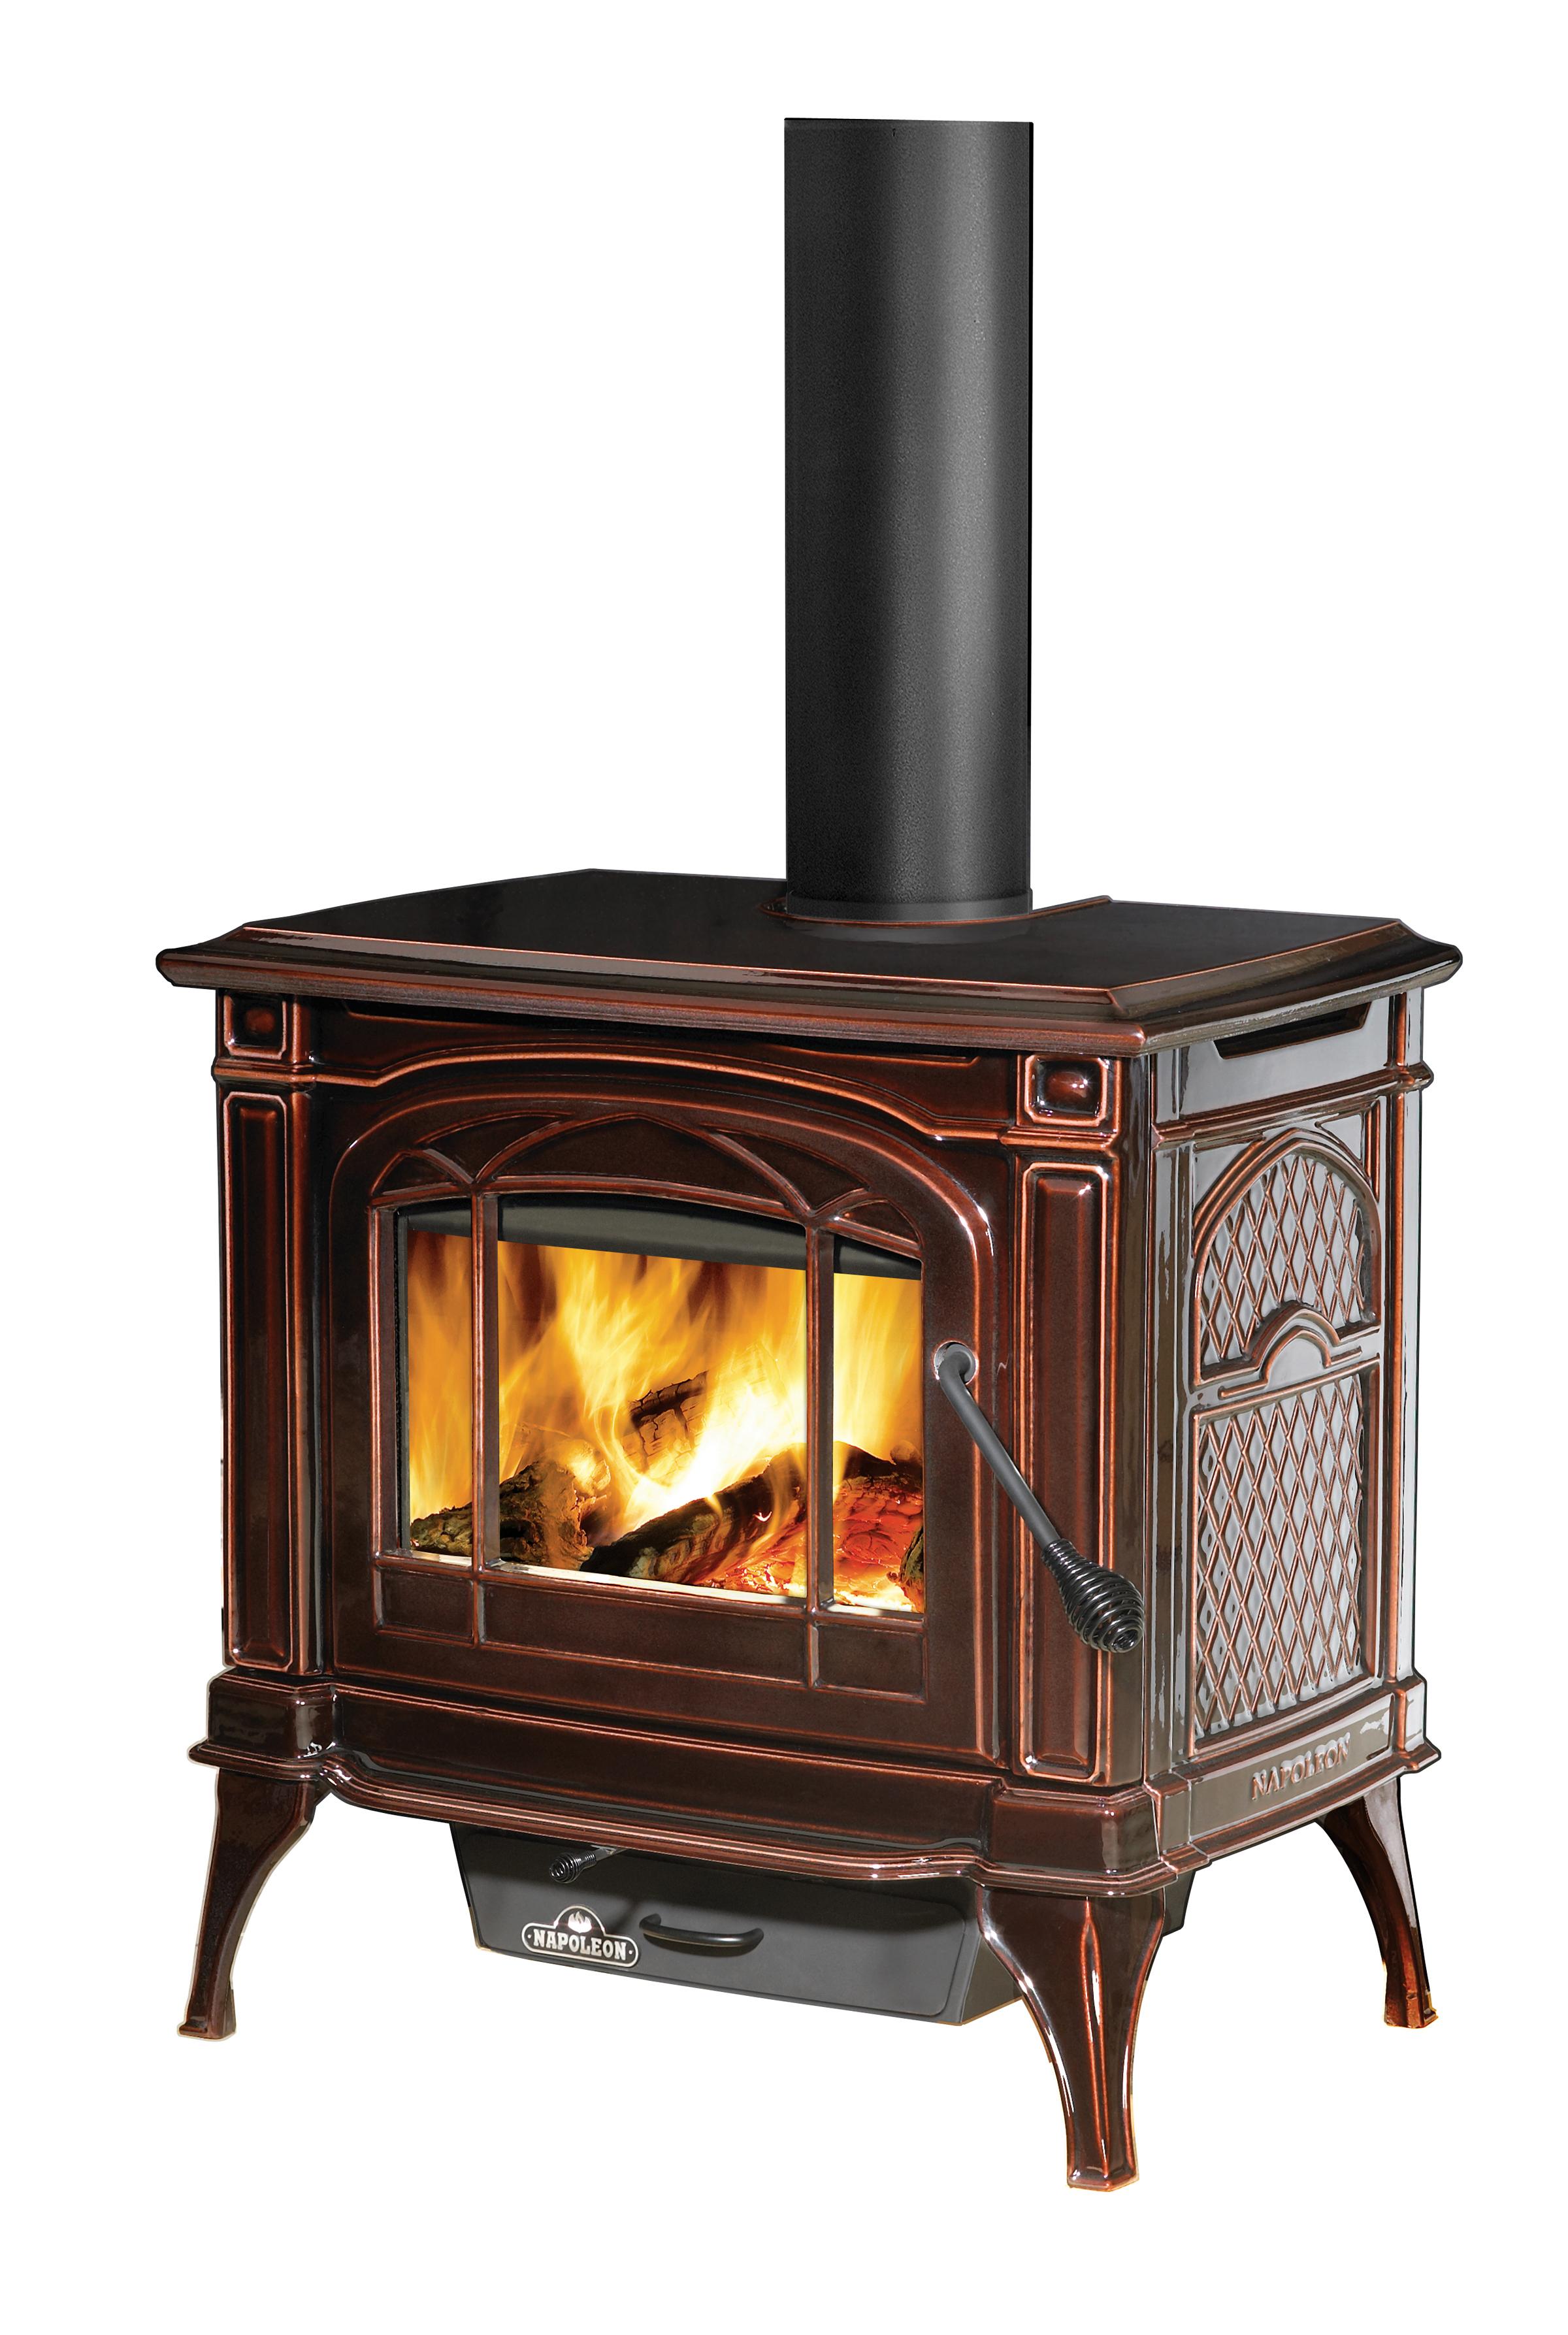 1100c-mbrown-angle-napoleon-fireplaces.jpg